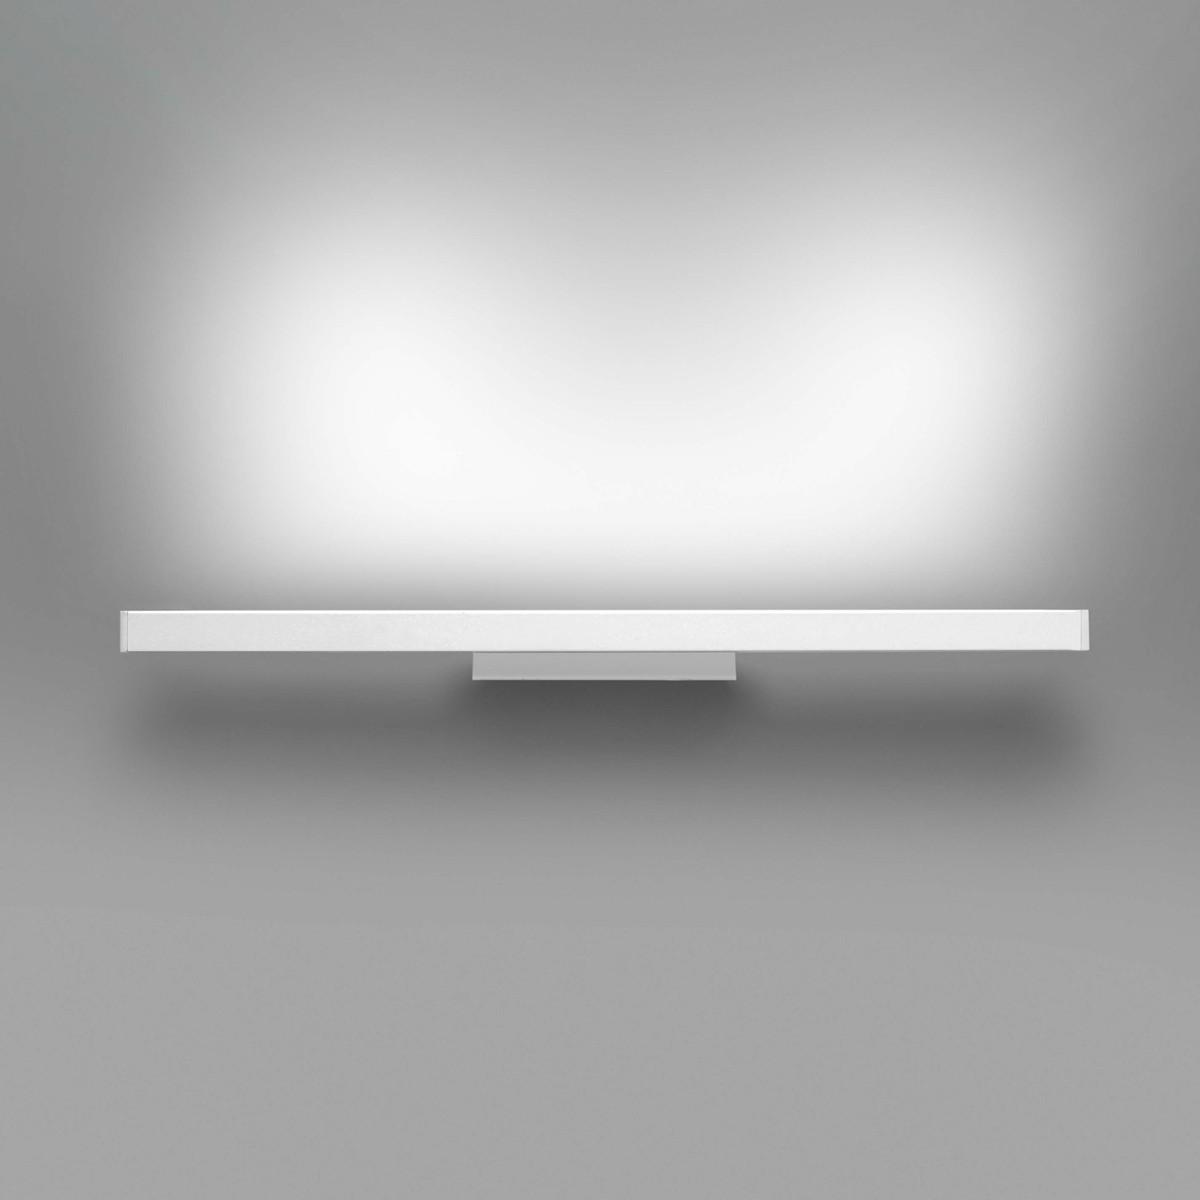 Milan Gil Wandleuchte, Breite: 42,9 cm, weiß